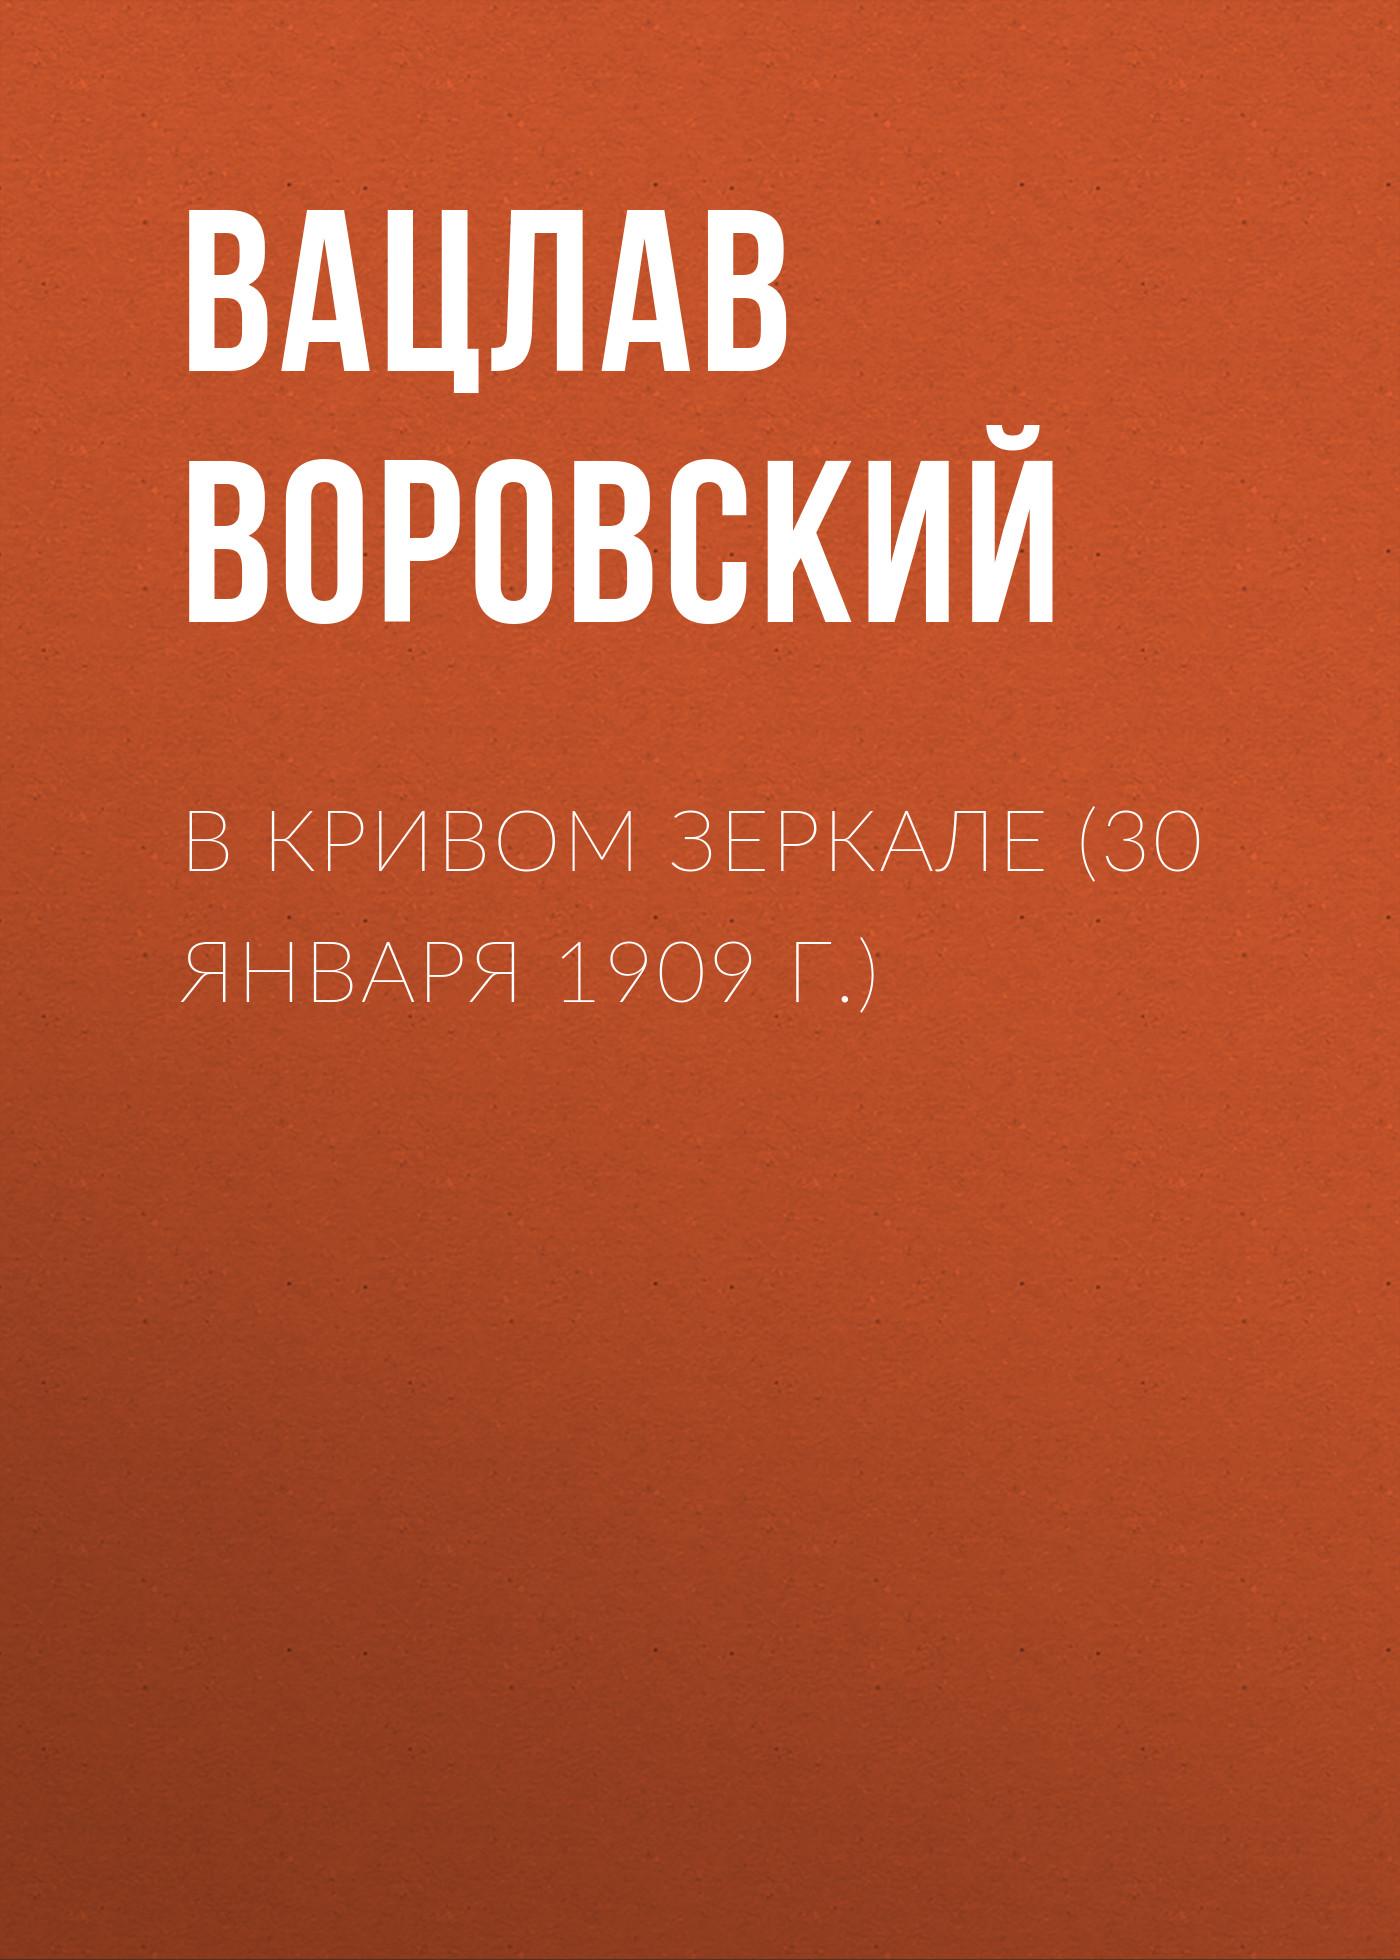 Вацлав Воровский В кривом зеркале (30 января 1909 г.) вацлав воровский в кривом зеркале 17 января 1909 г